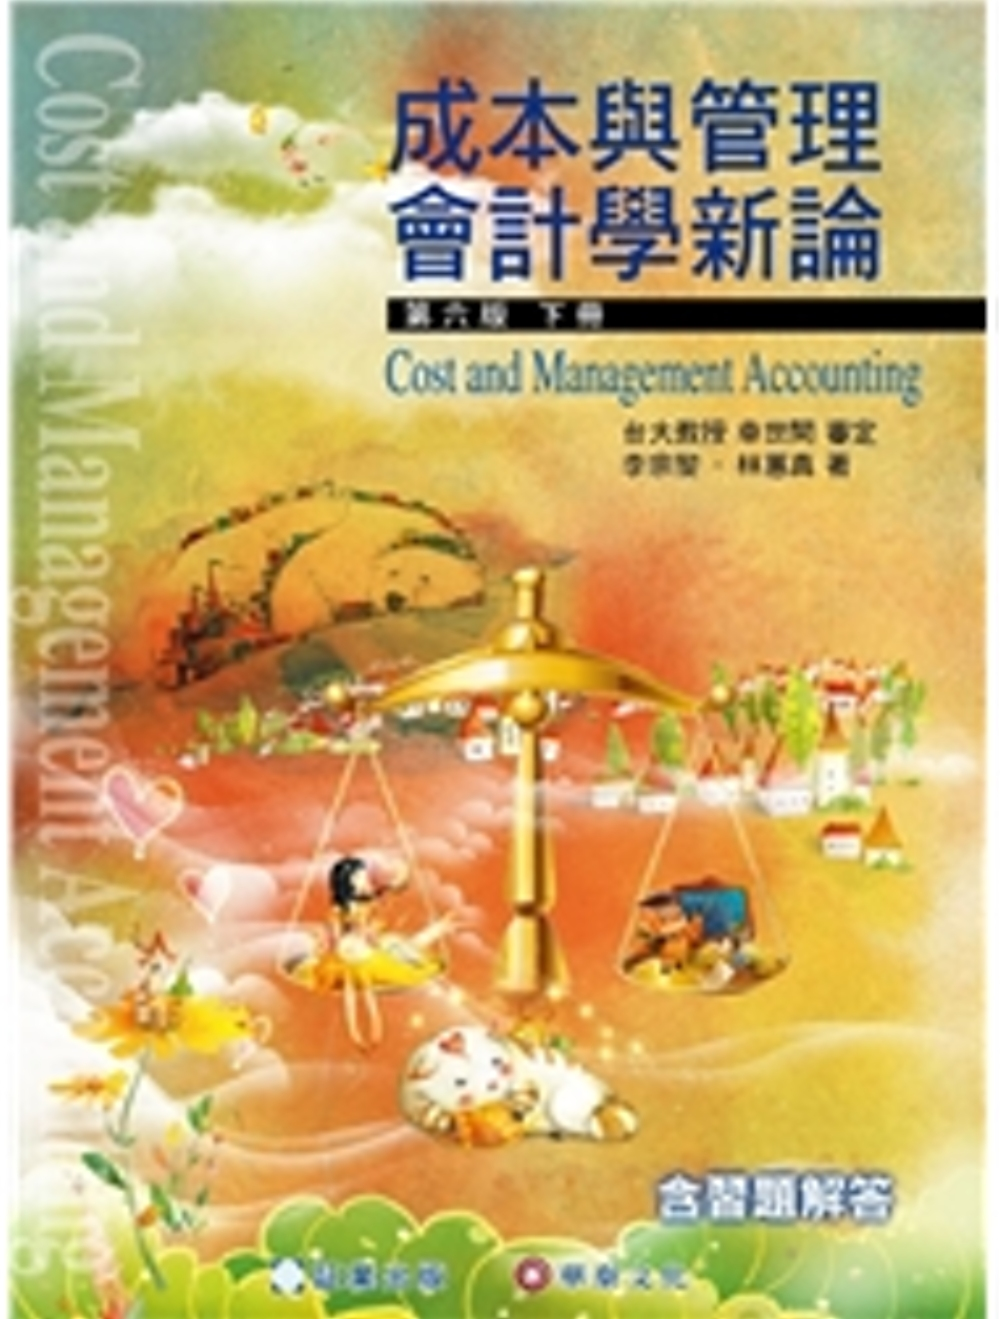 成本與管理會計學新論 (下冊)(6版)